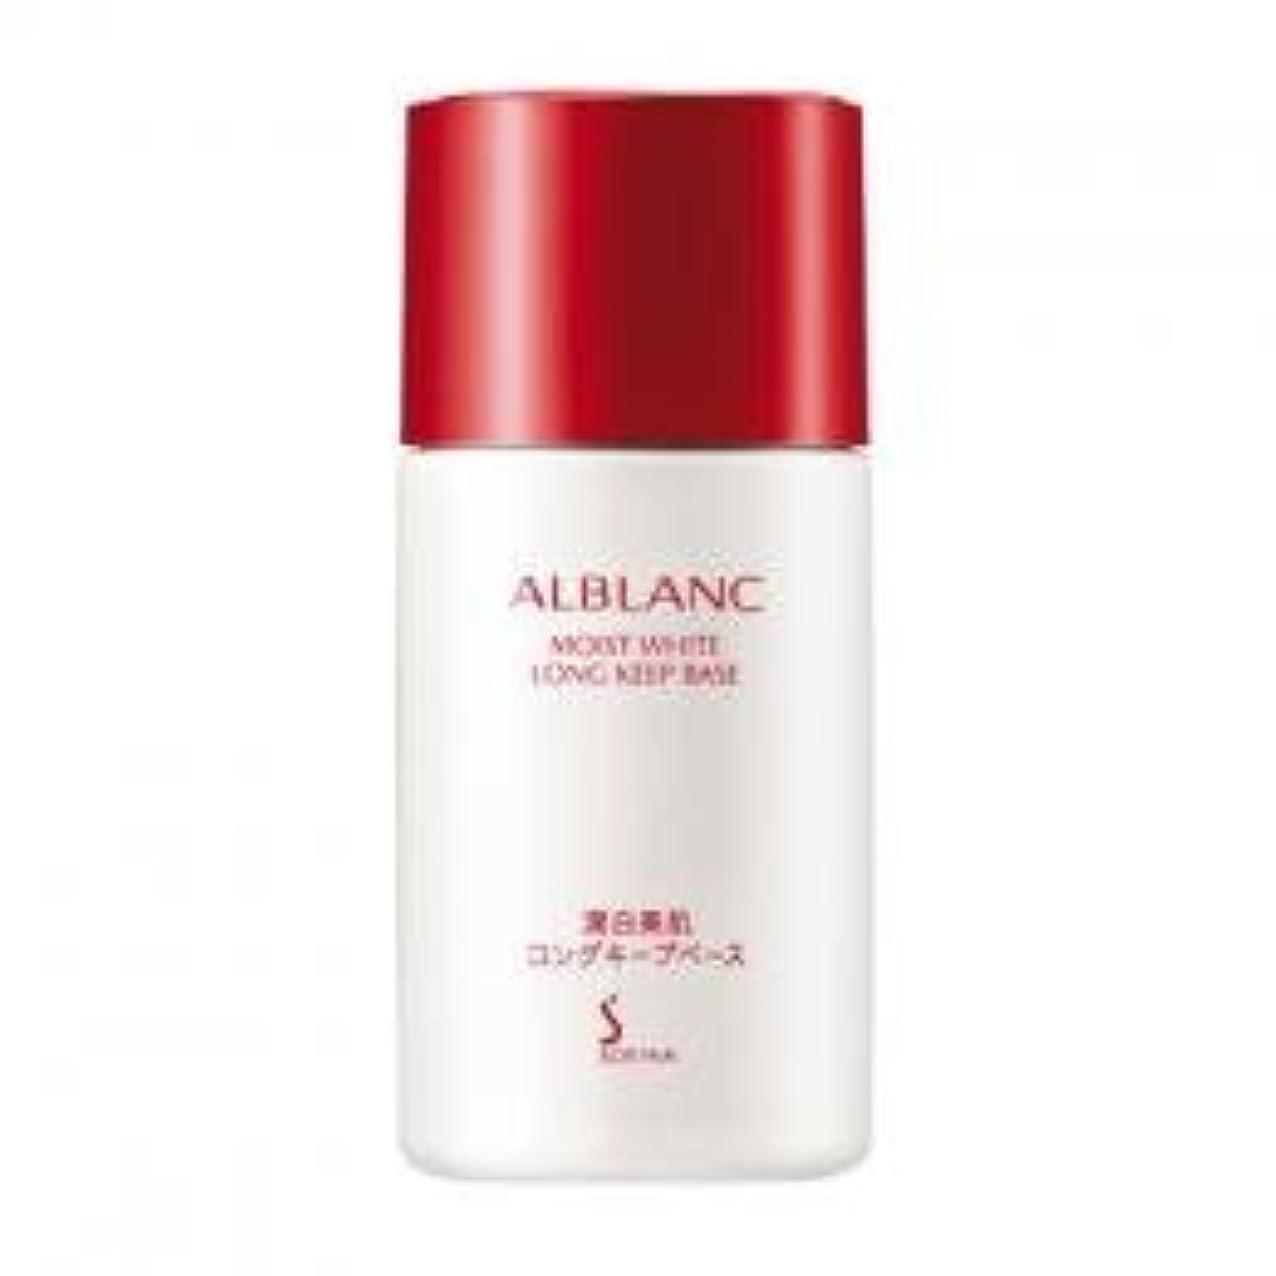 検出する隠すガソリンアルブラン 潤白美肌 ロングキープベース 25ml